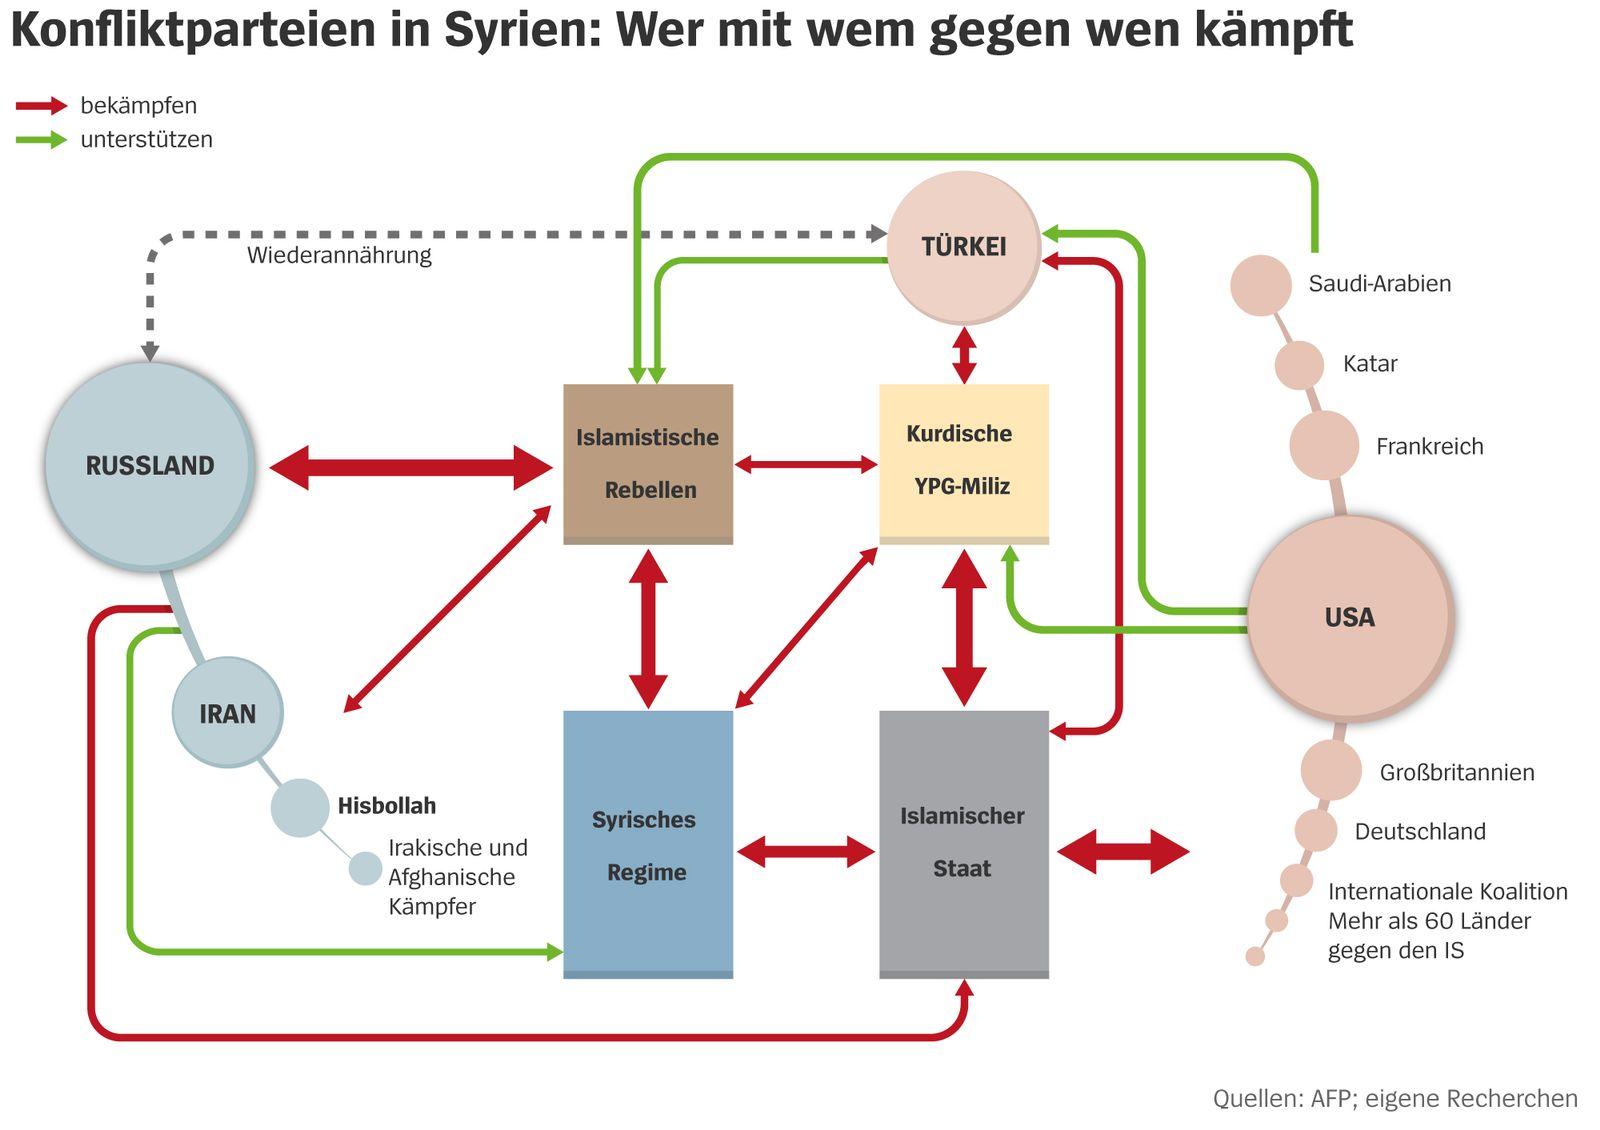 Konfliktparteien in Syrien